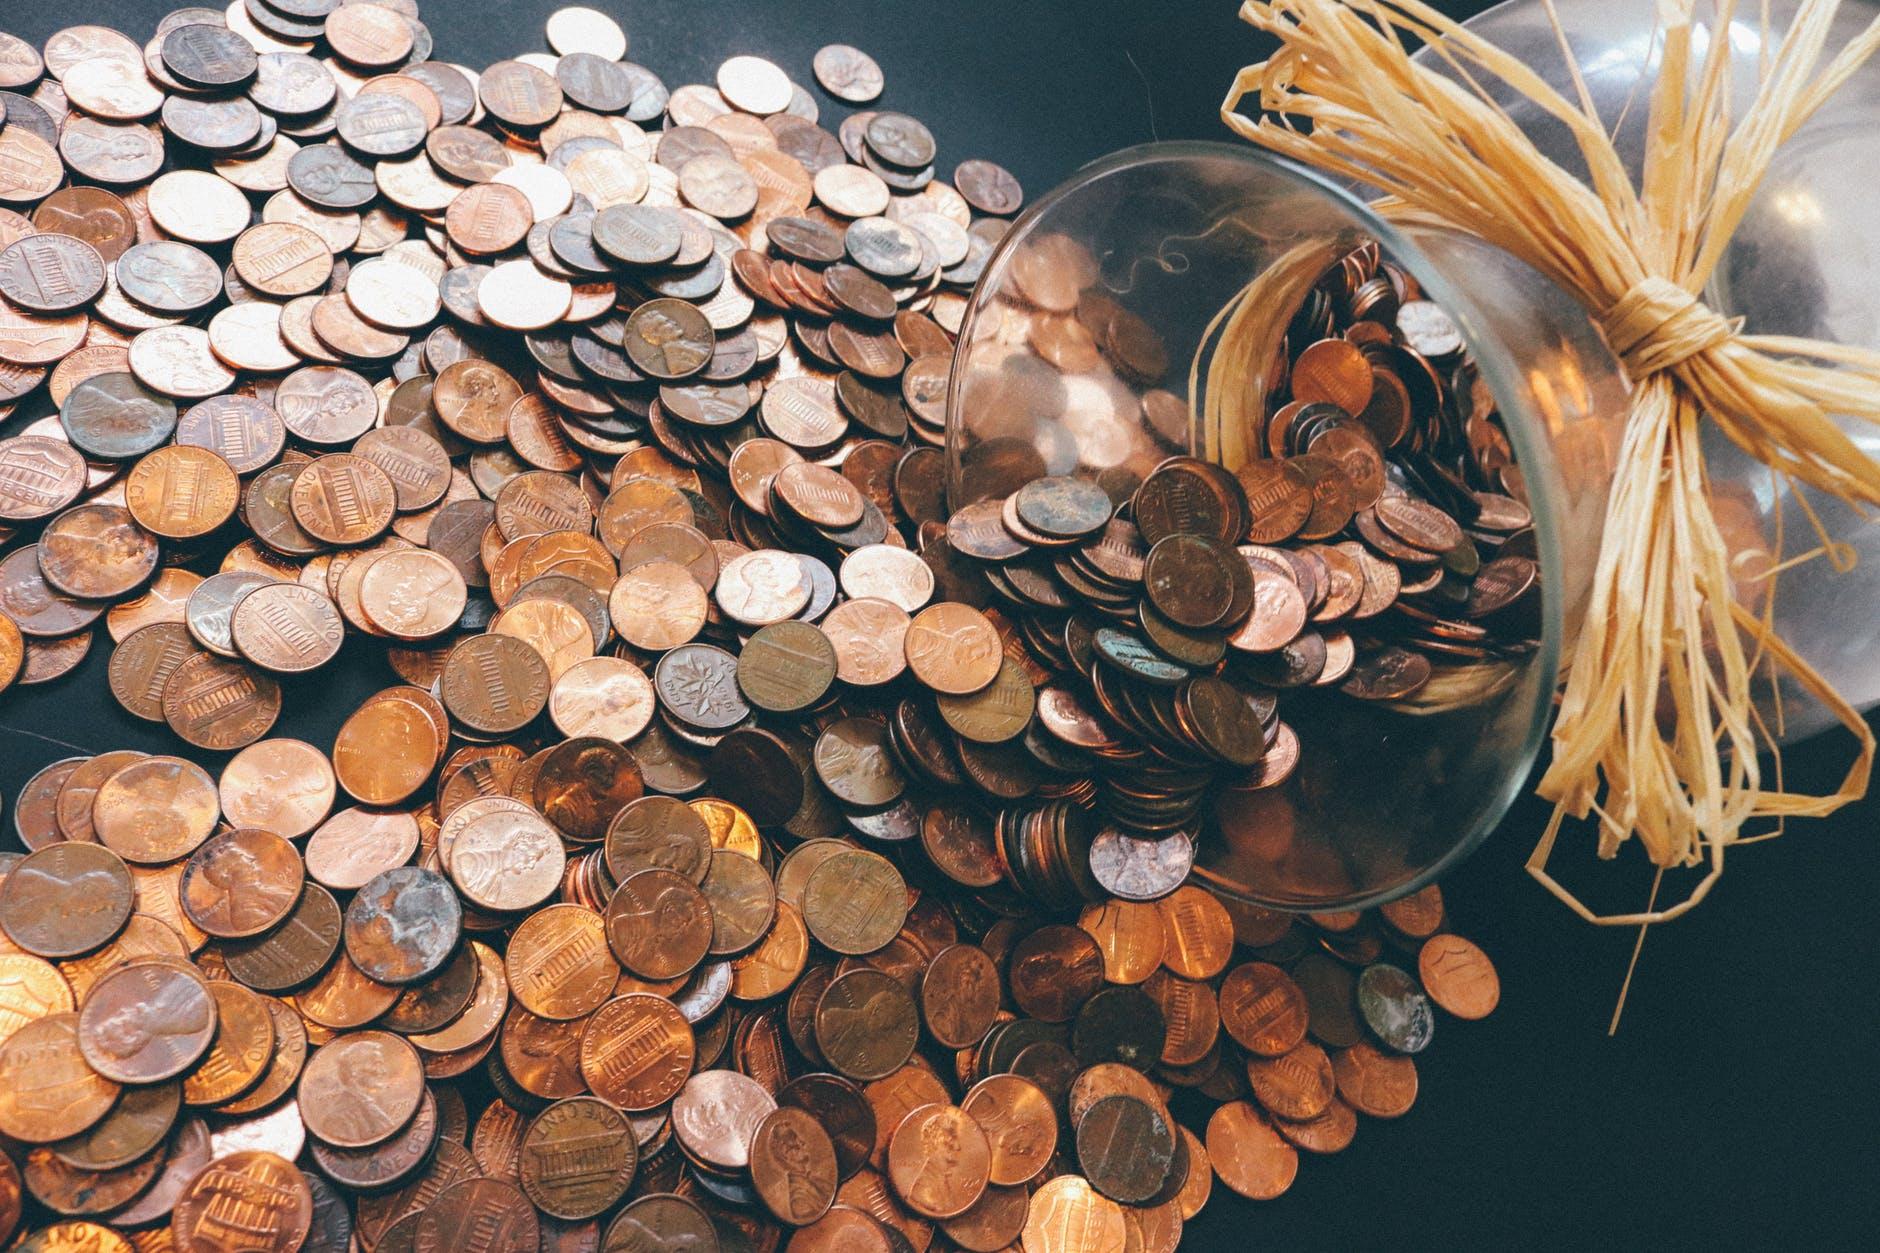 mkpc akcijų pasirinkimo mokesčių pasekmės)